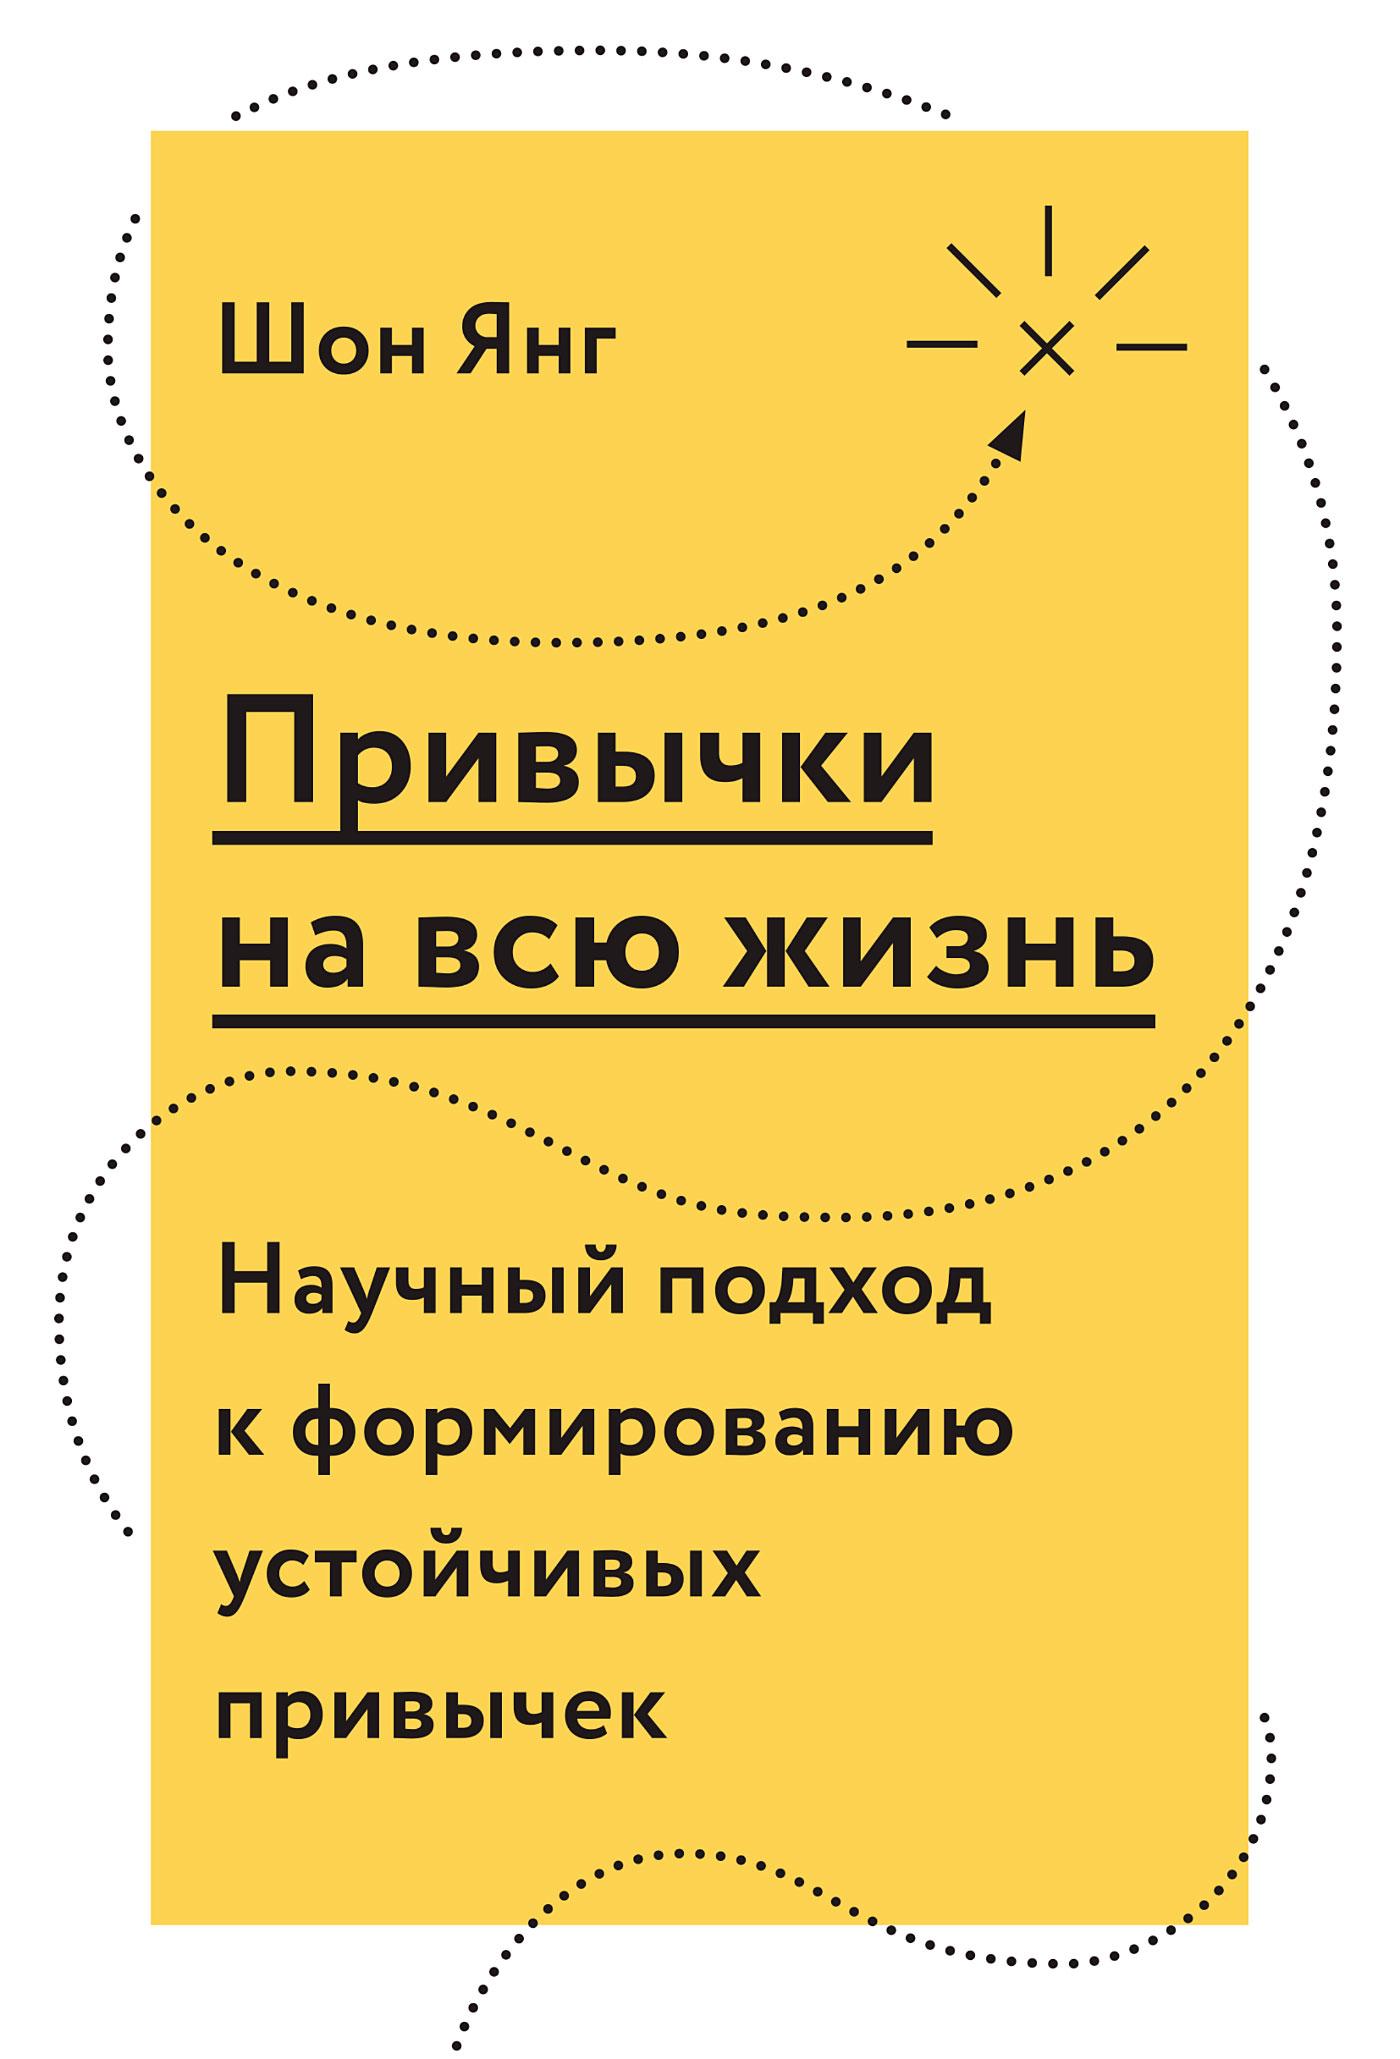 Шон Янг «Привычки на всю жизнь. Научный подход к формированию устойчивых привычек»